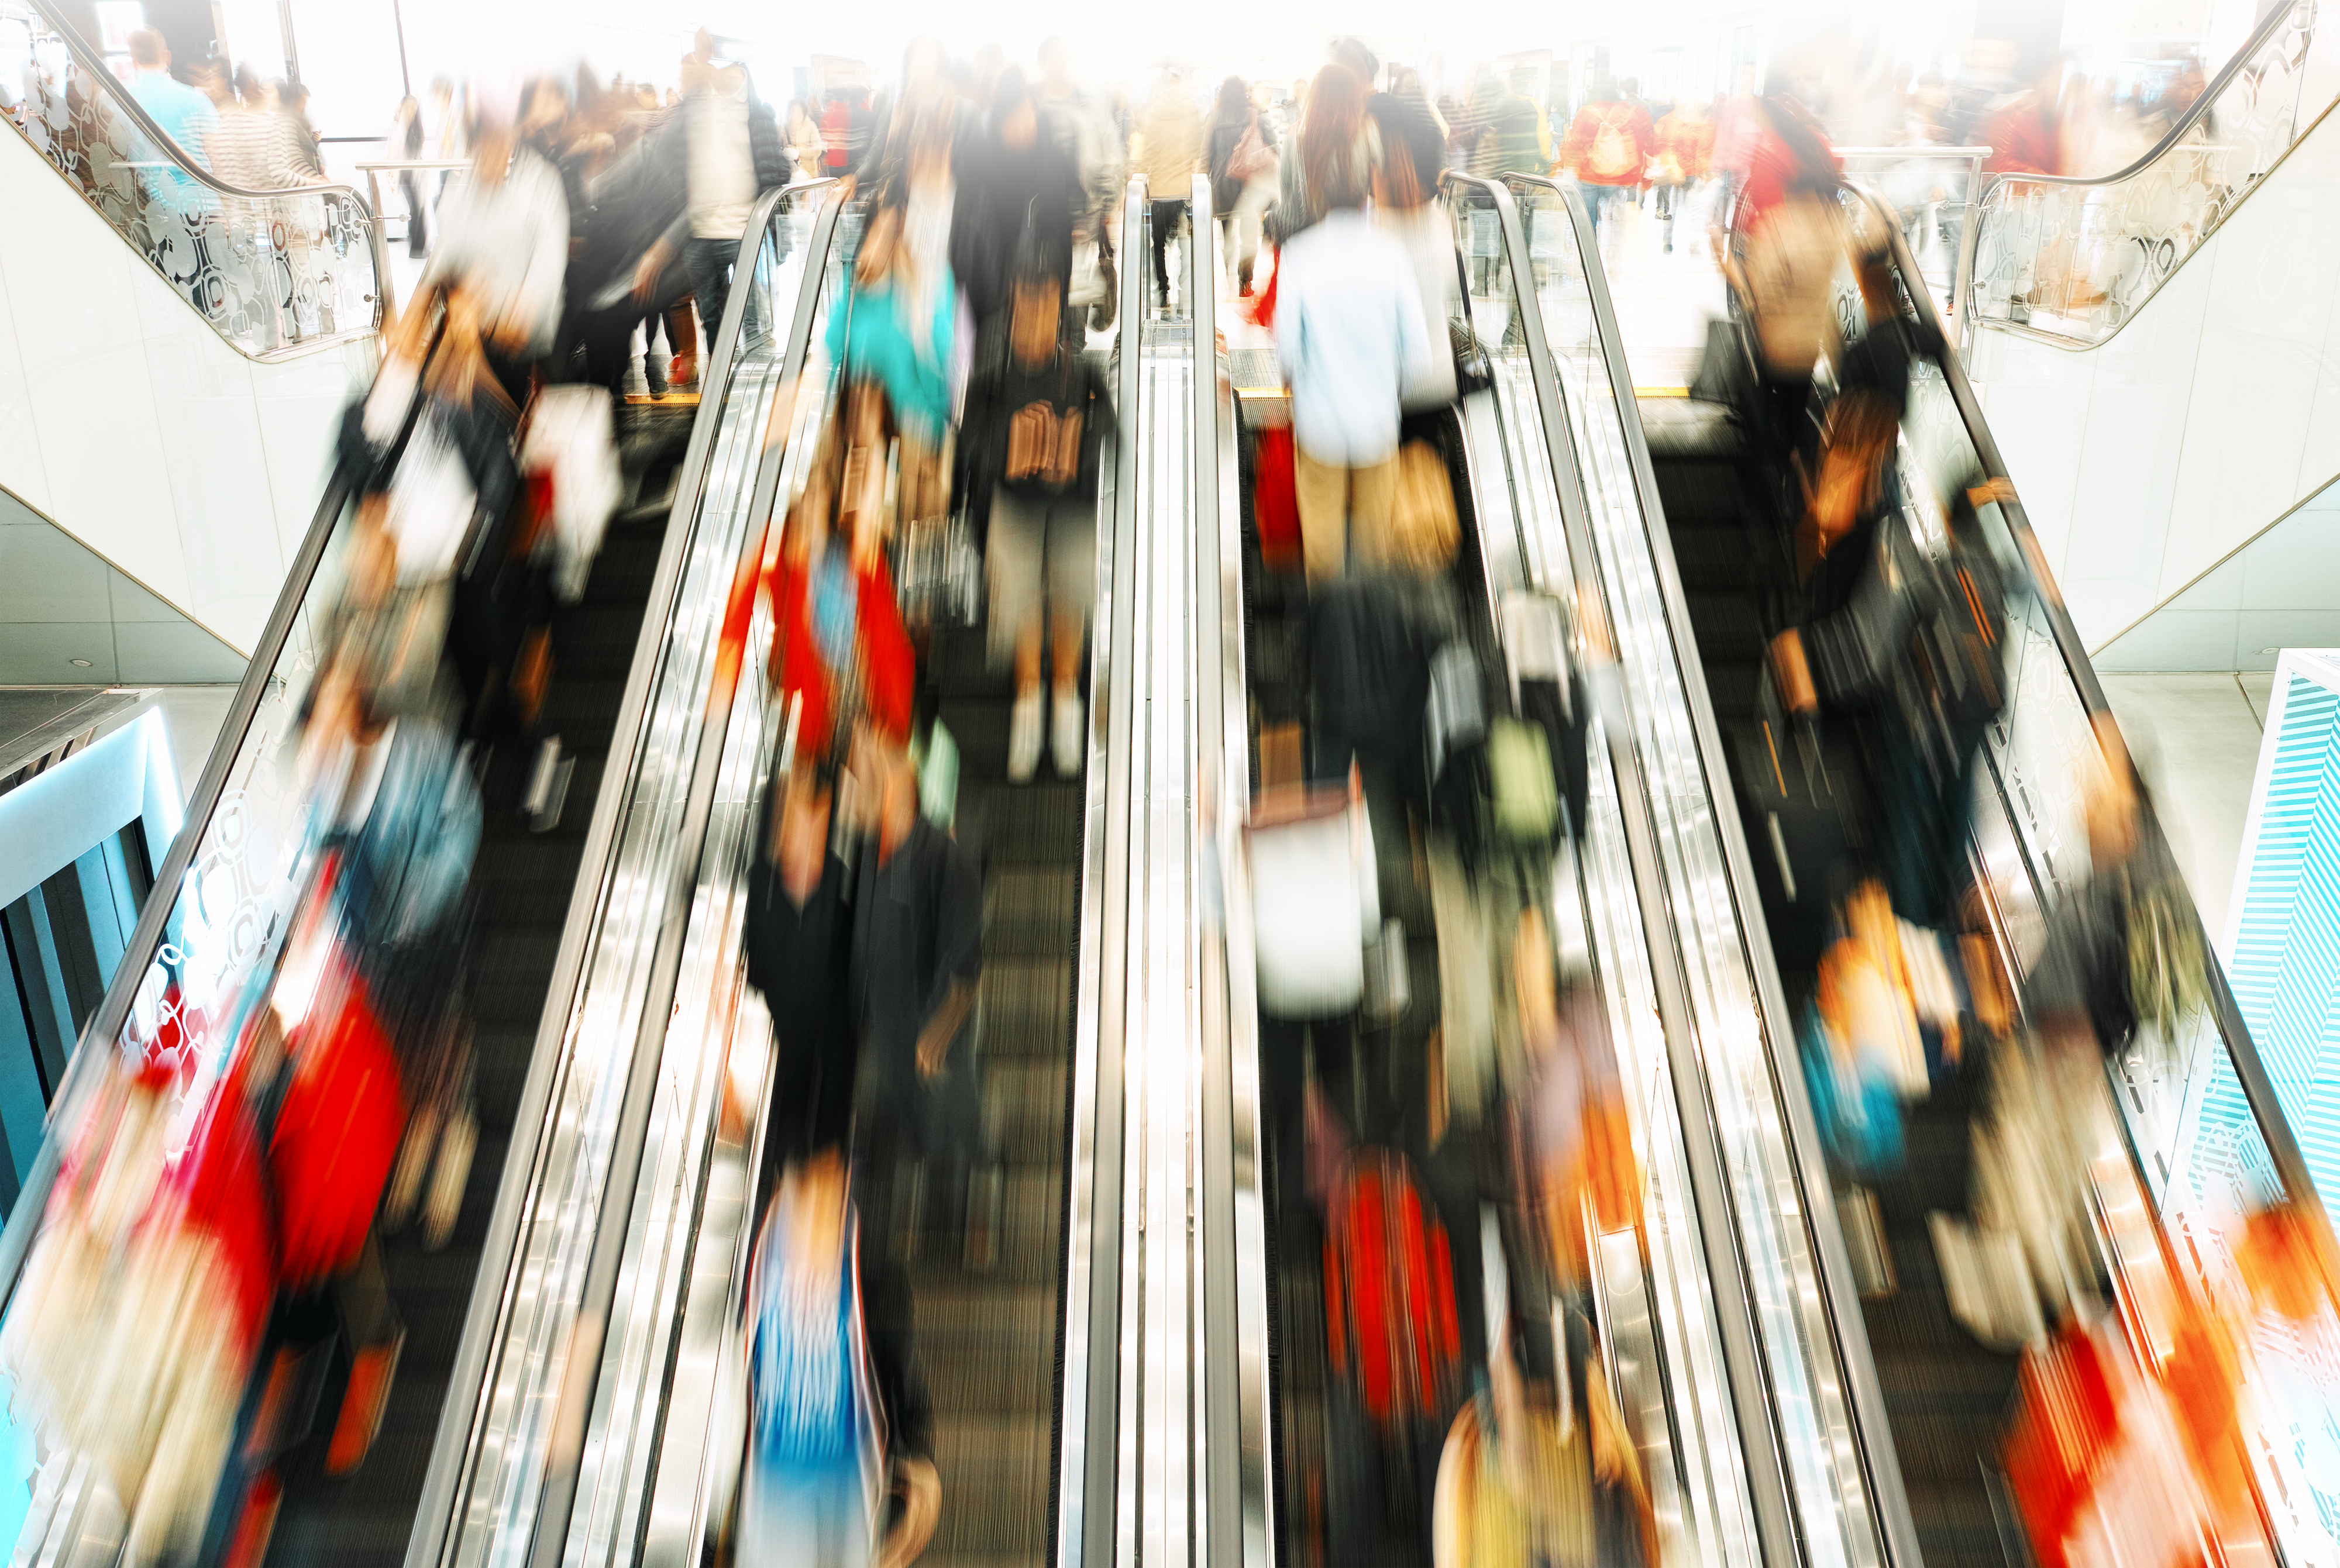 bradlee shopping center